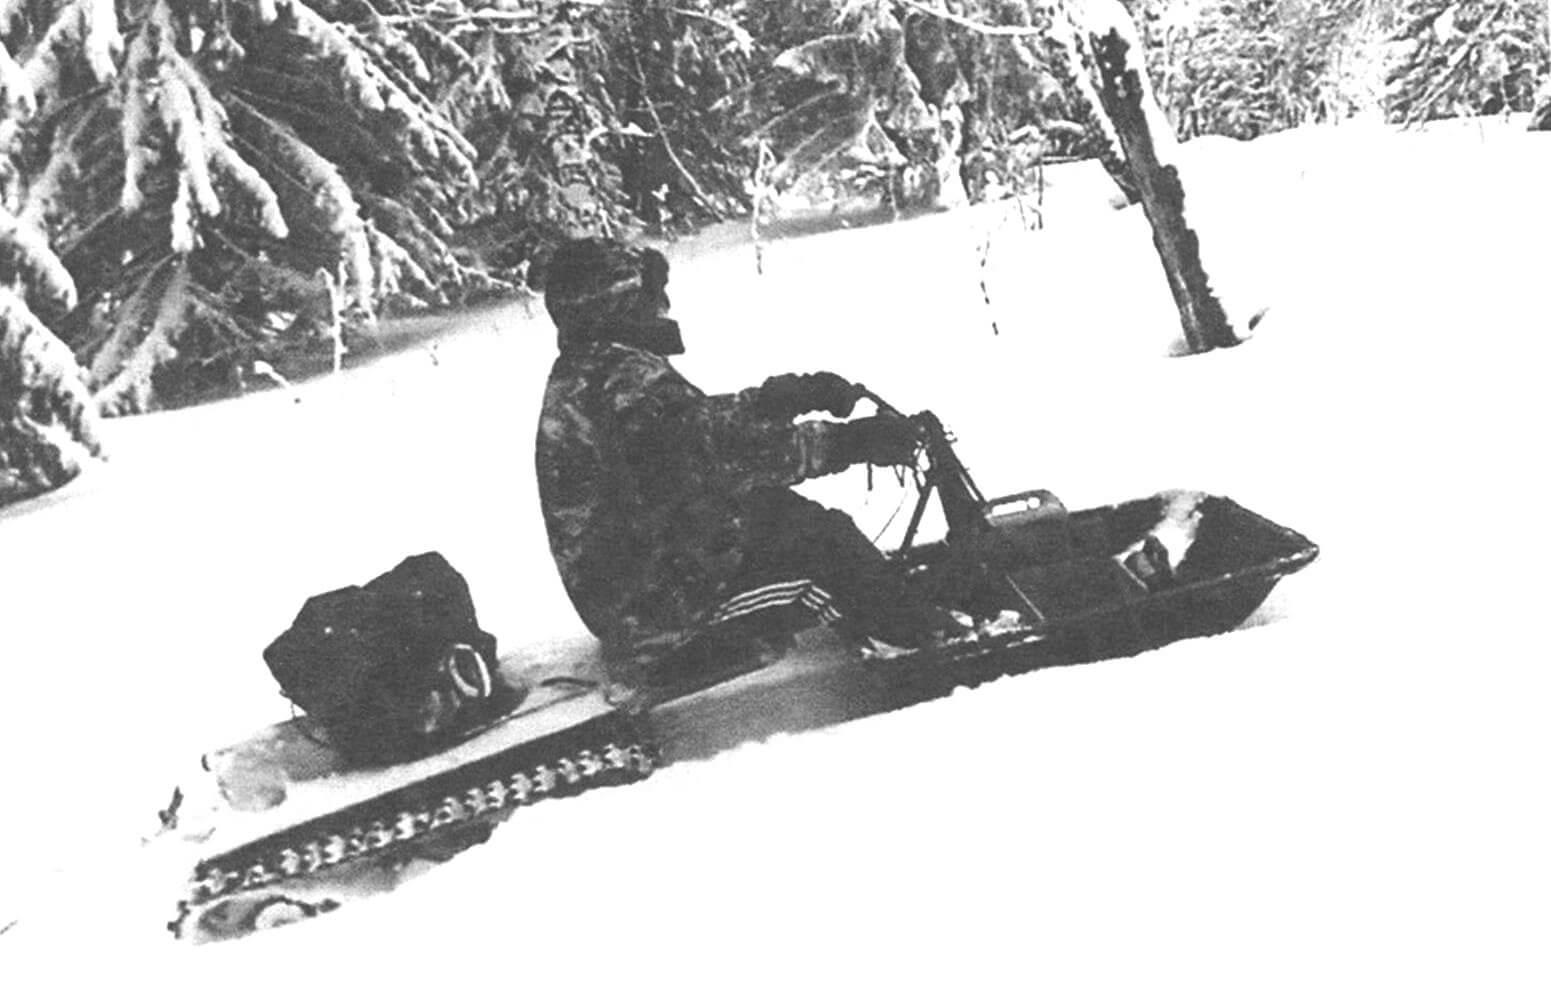 От веса машины, площадей активной и пассивной поверхностей, а также от соотношения этих величин зависит проходимость снегохода по снежной целине